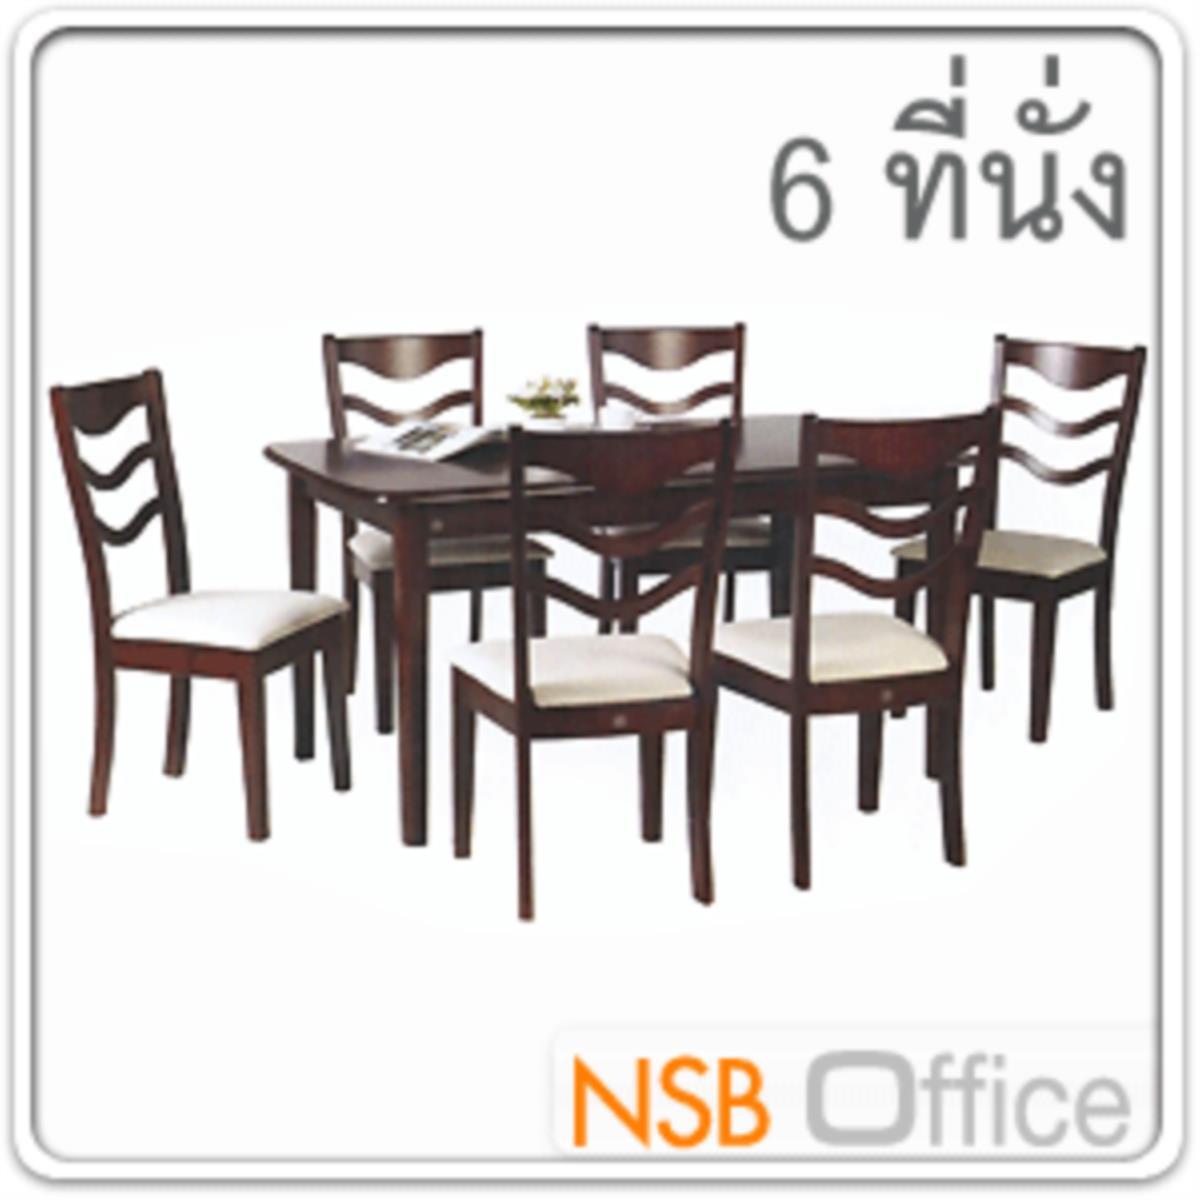 ชุดโต๊ะรับประทานอาหารหน้าโฟเมก้าลายไม้ 6 ที่นั่ง รุ่น SUNNY-19 ขนาด 150W cm. พร้อมเก้าอี้